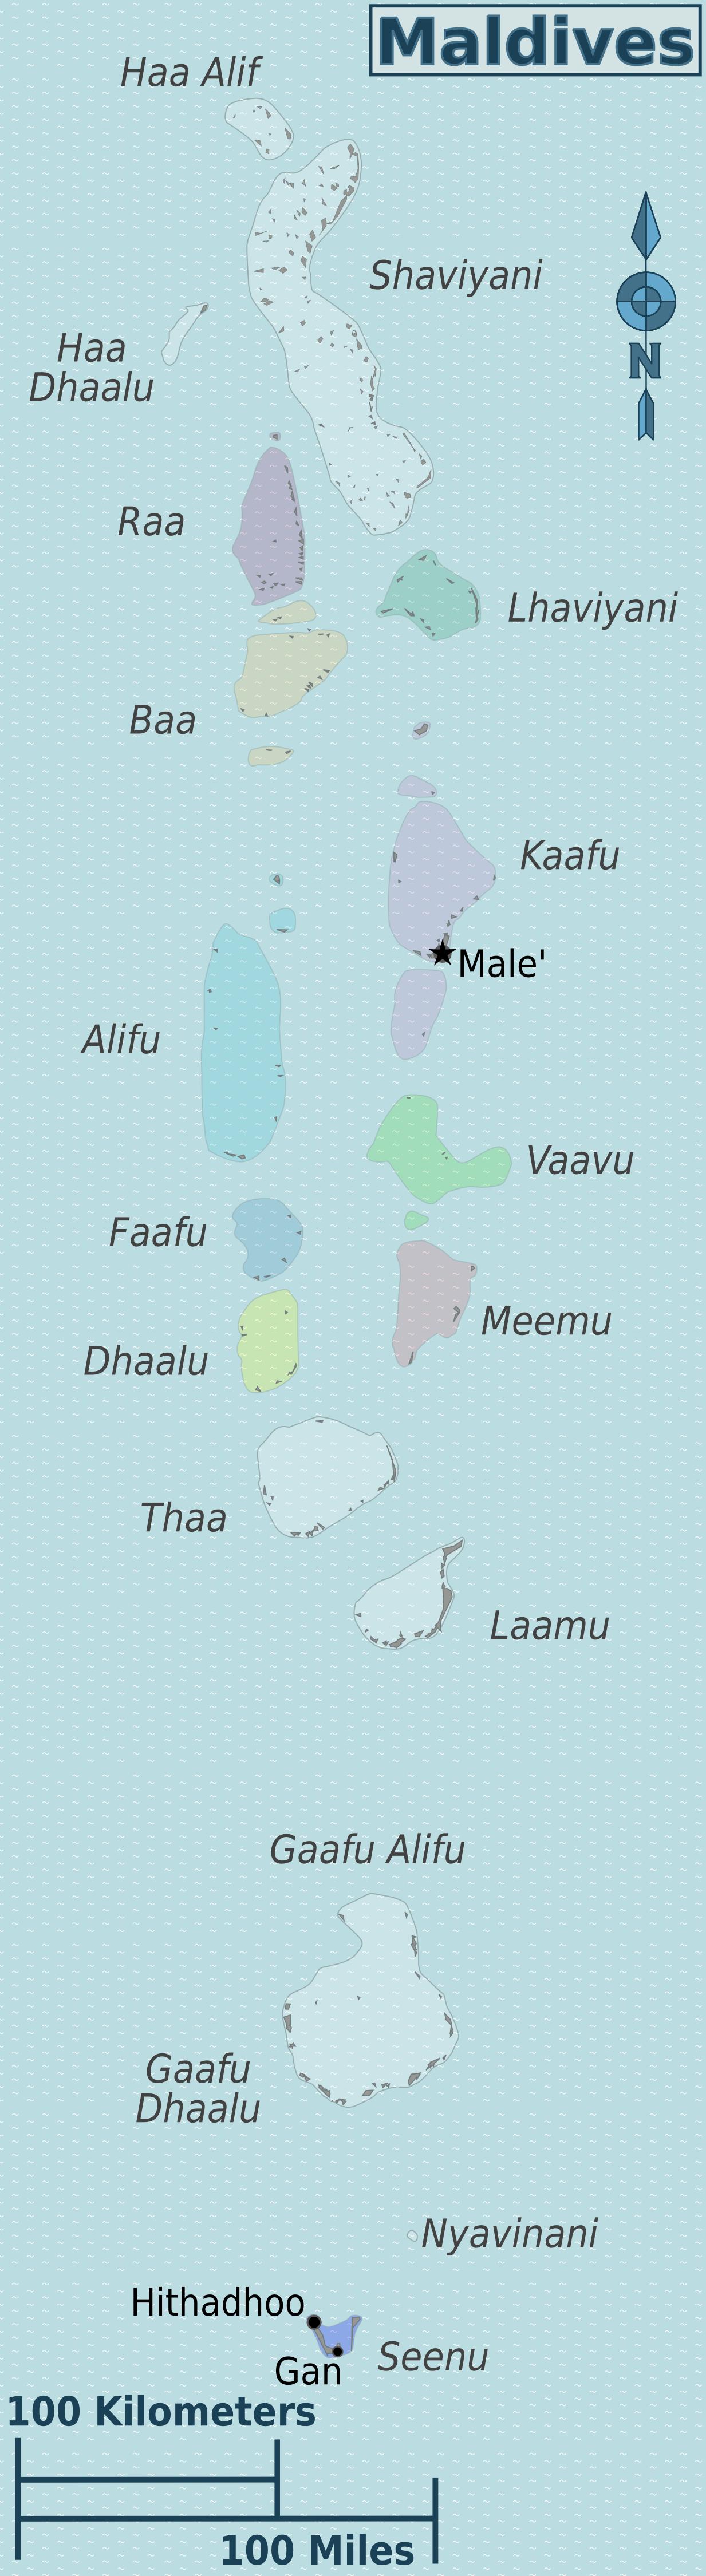 Malediven Karte Weltkarte.Landkarte Malediven Karte Regionen Weltkarte Com Karten Und